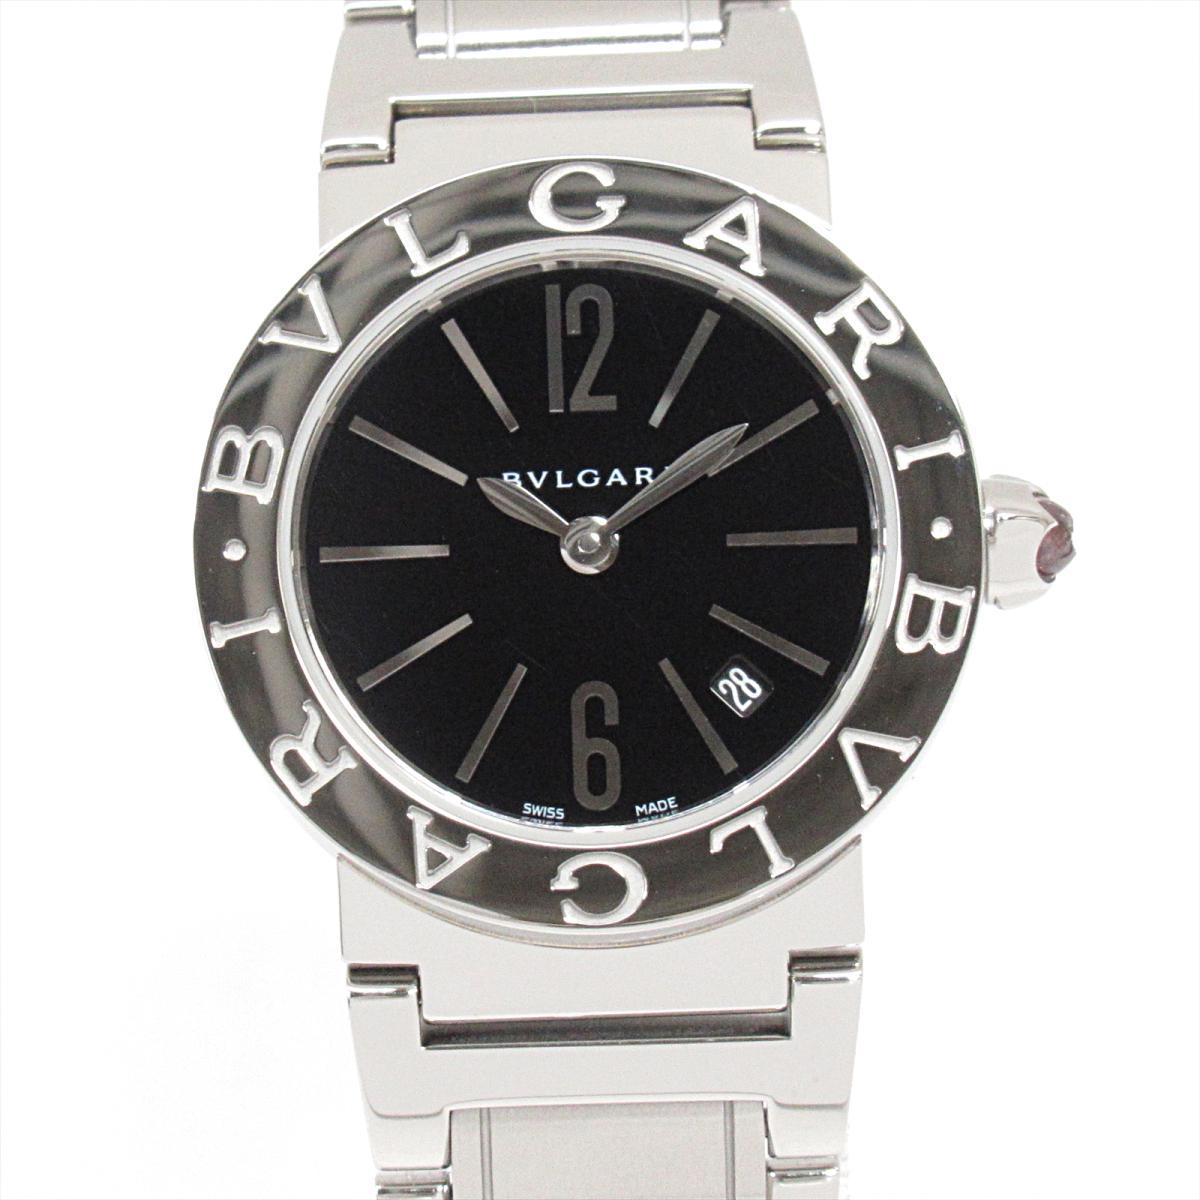 【中古】 ブルガリ ブルガリブルガリ 腕時計 ウォッチ レディース ステンレススチール (SS) (BBL26BSSD) | BVLGARI BRANDOFF ブランドオフ ブランド ブランド時計 ブランド腕時計 時計